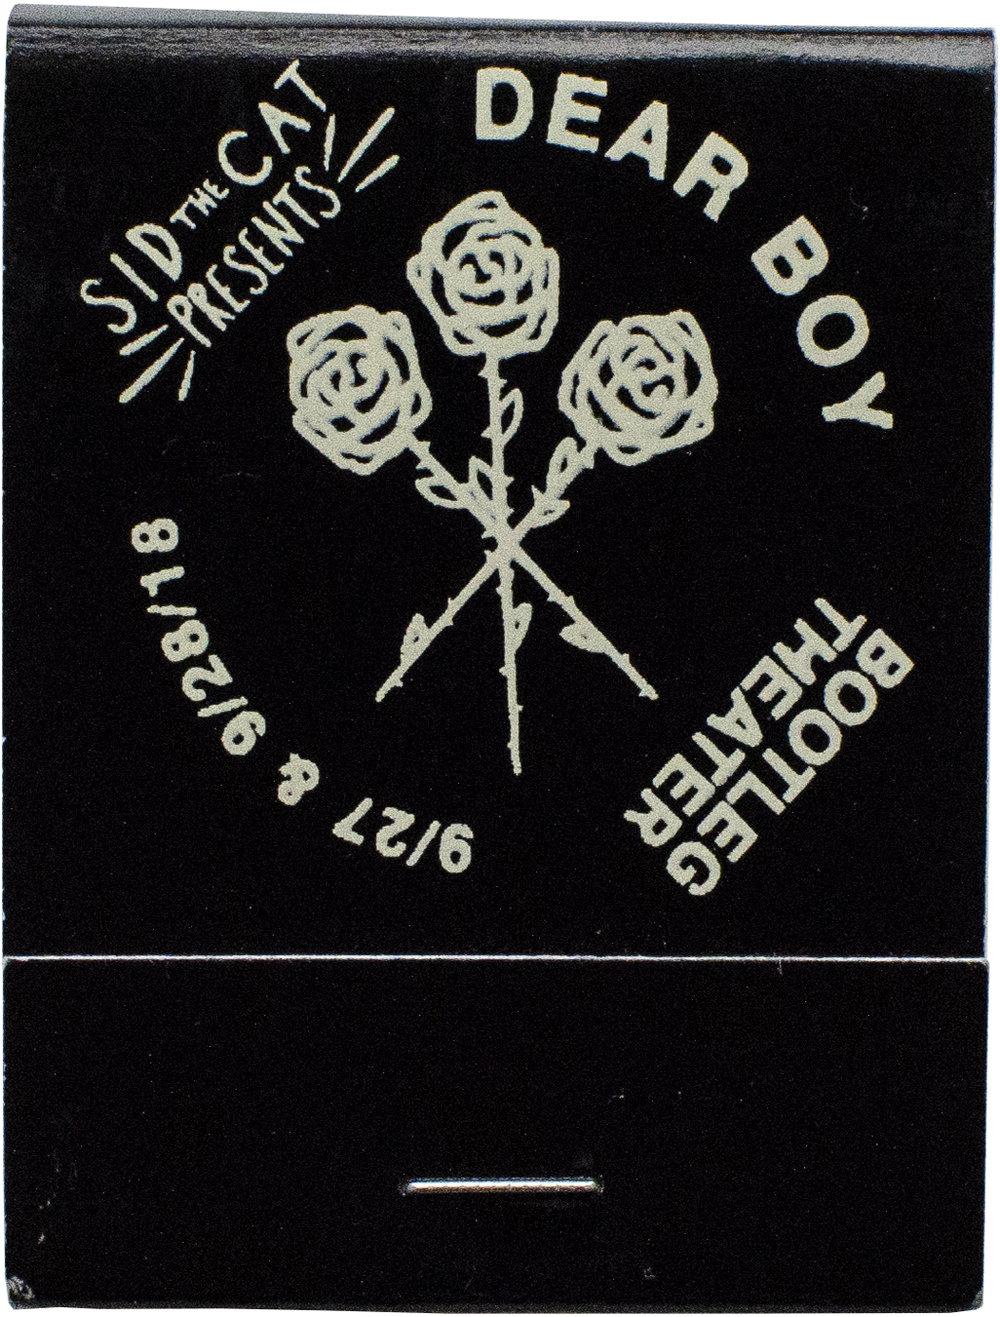 2018.9.27 Dear Boy.jpg